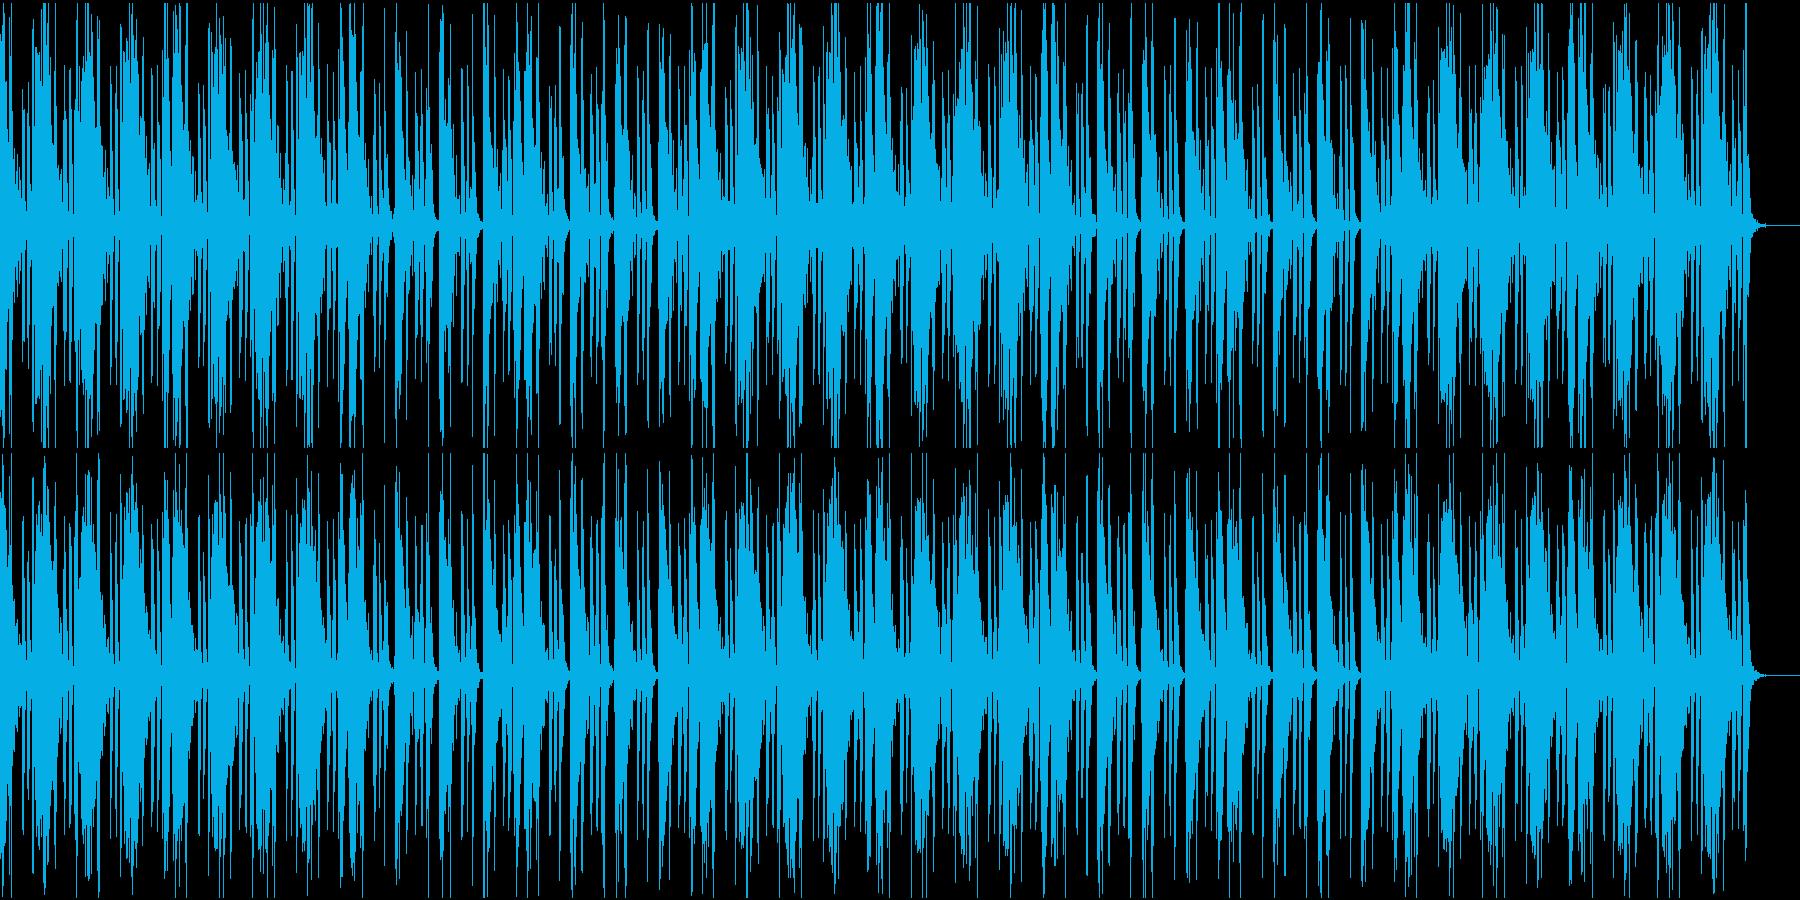 冷静な雰囲気なHiphopの再生済みの波形